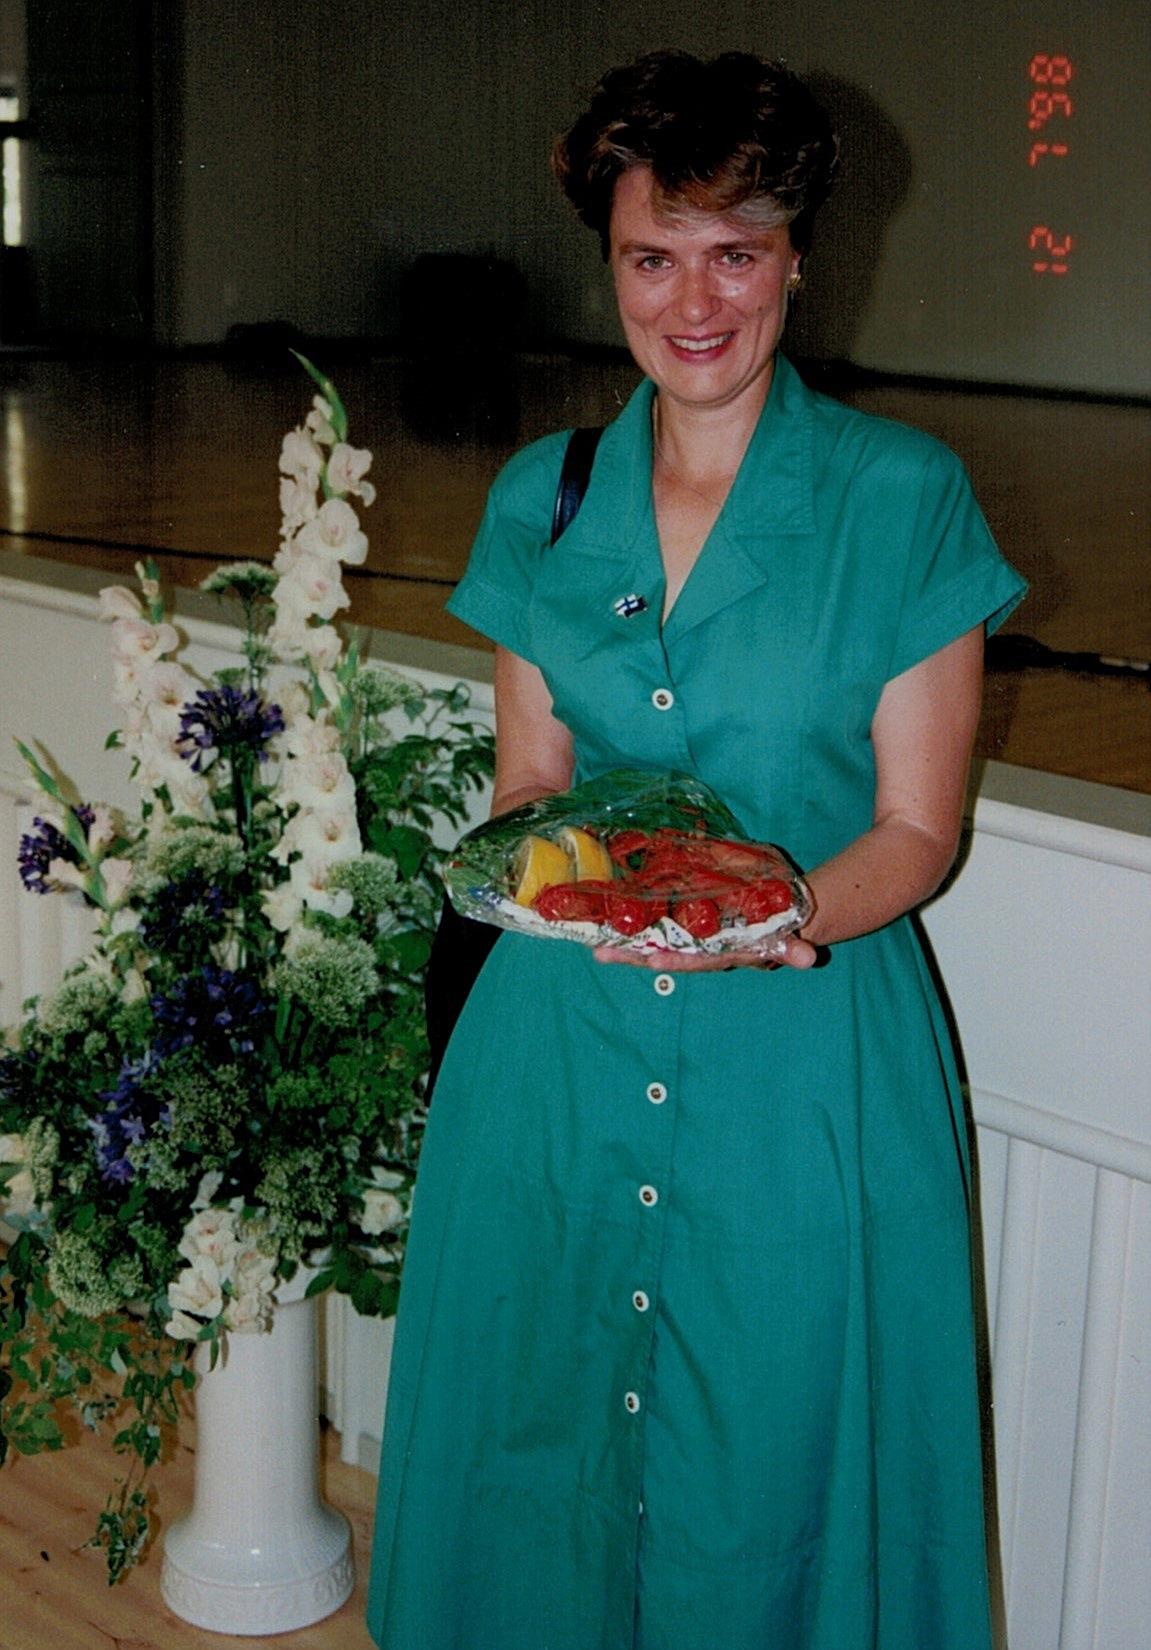 Festtalaren Astrid Thors fick ett fat med kräftor av Siv och Torolf Lindfors.